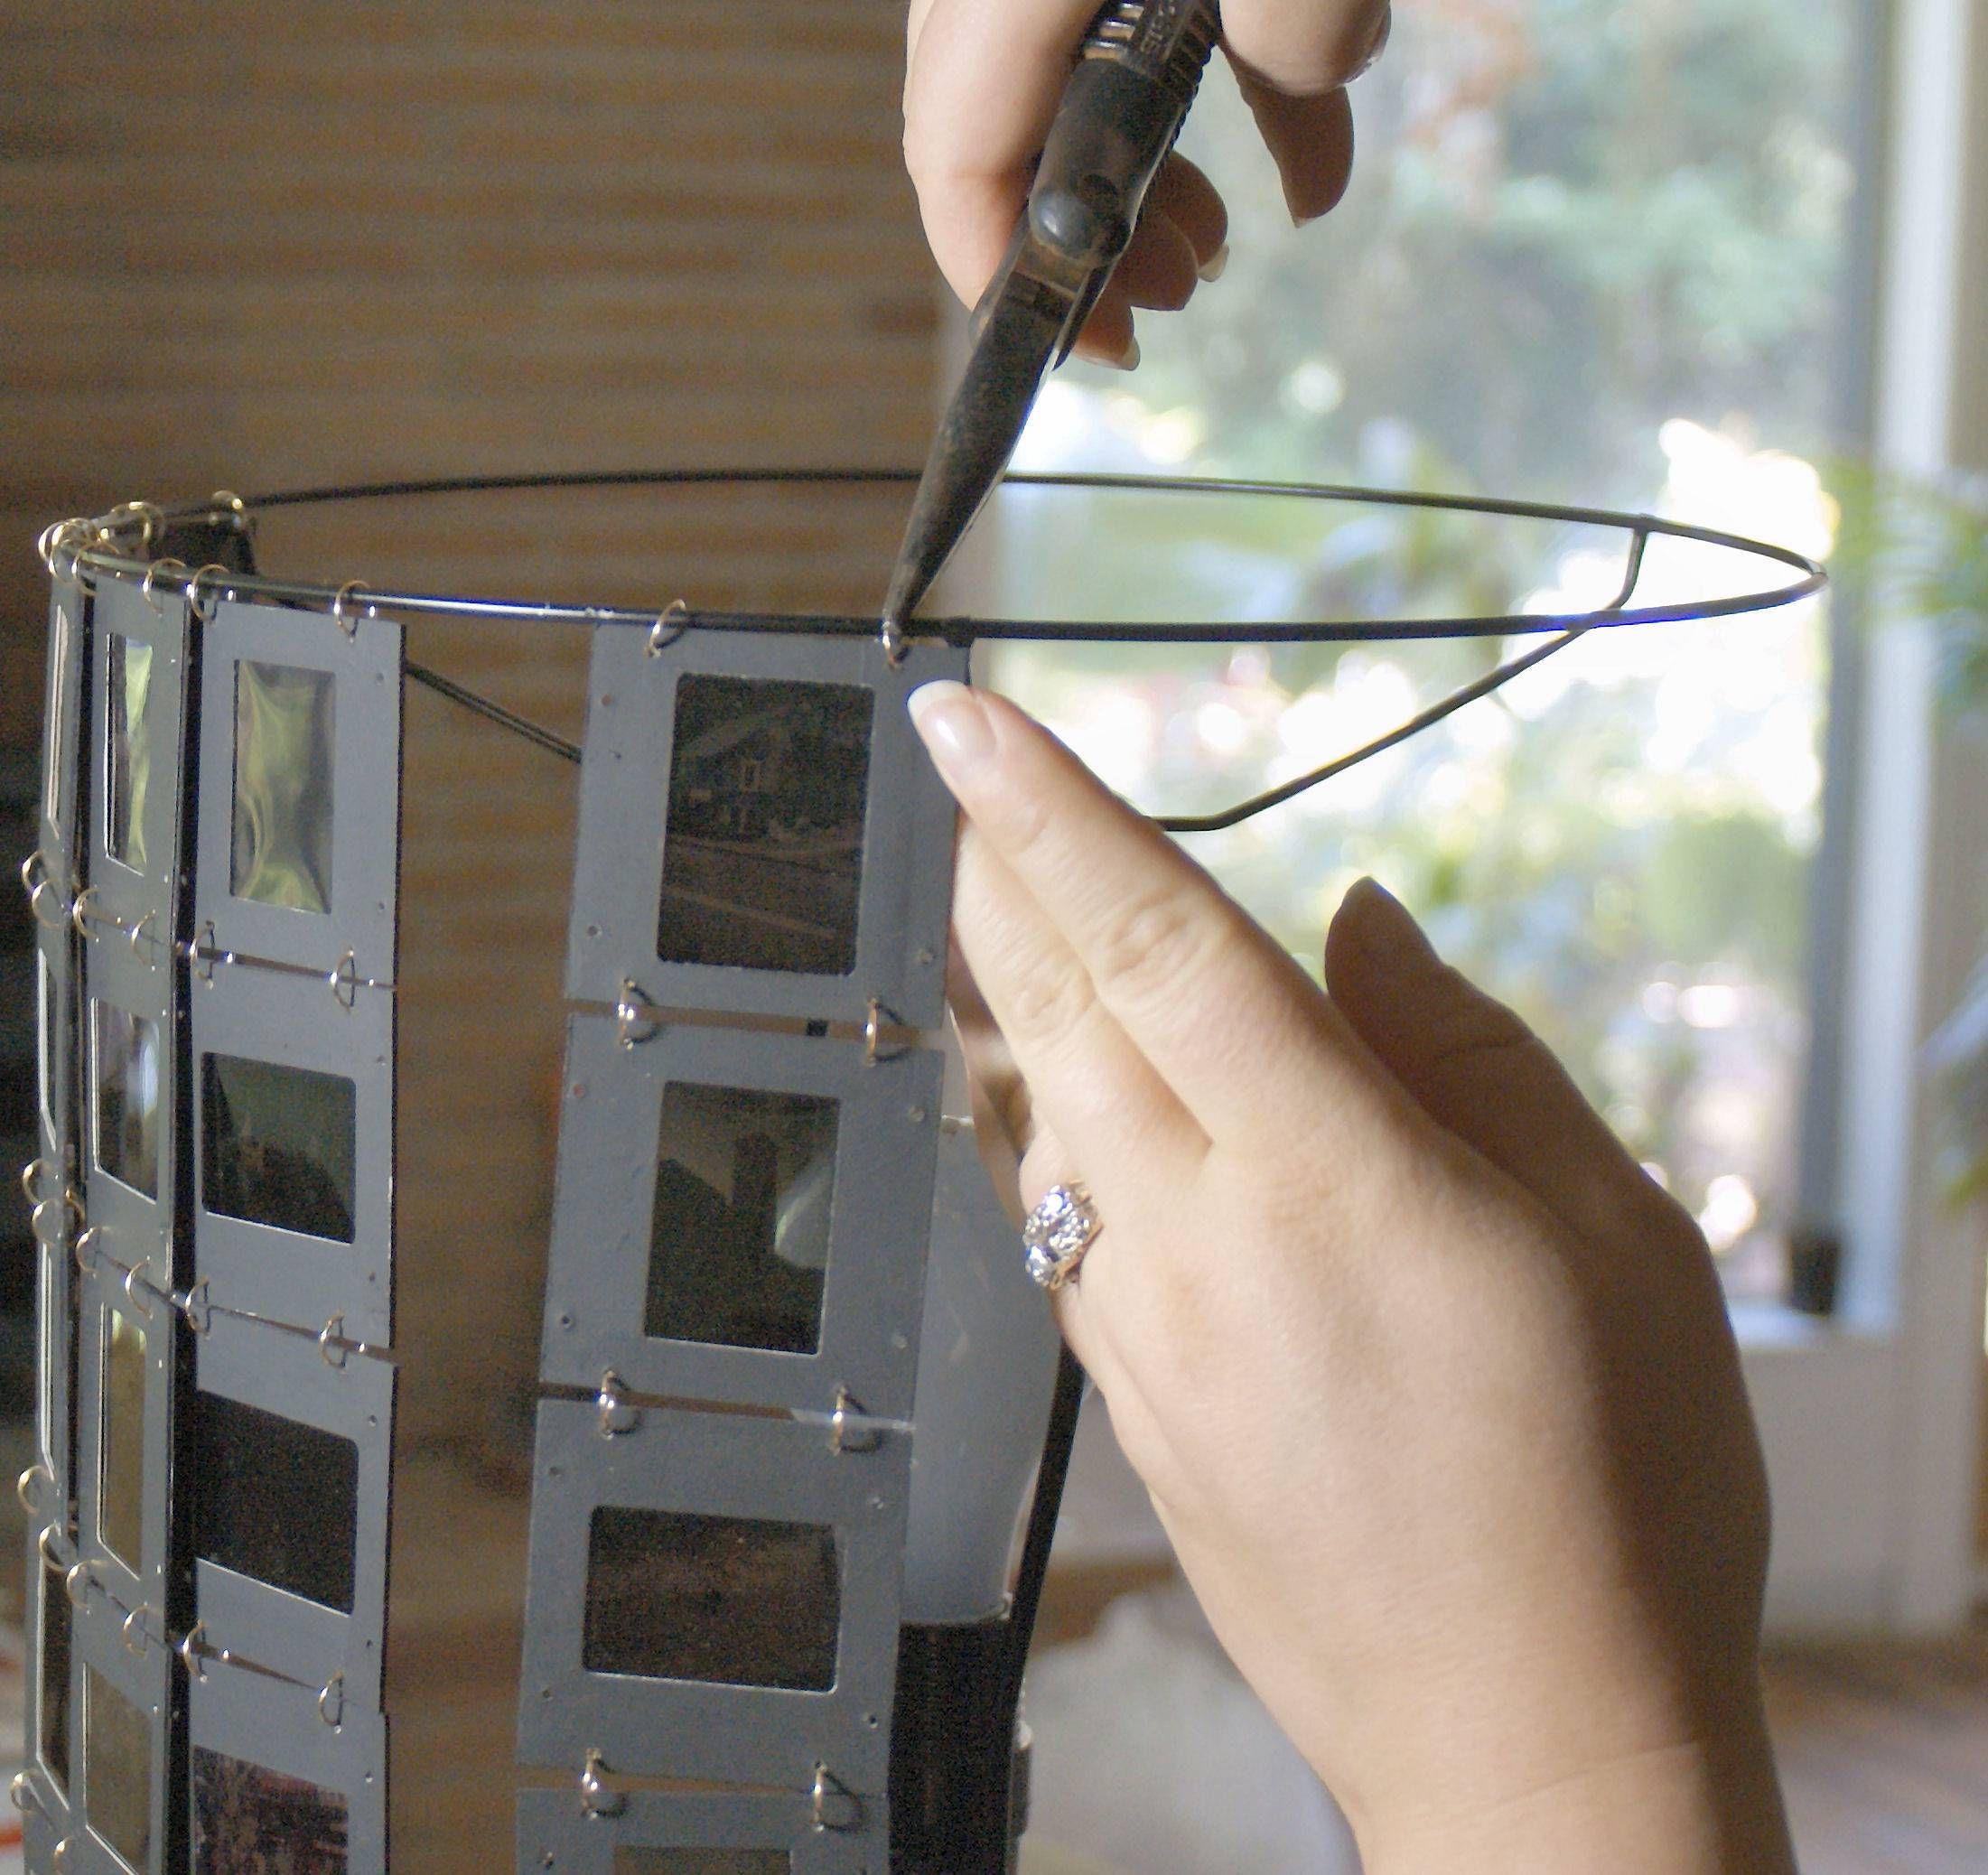 wenn hunderte von alten dias einfach nur auf deinem. Black Bedroom Furniture Sets. Home Design Ideas